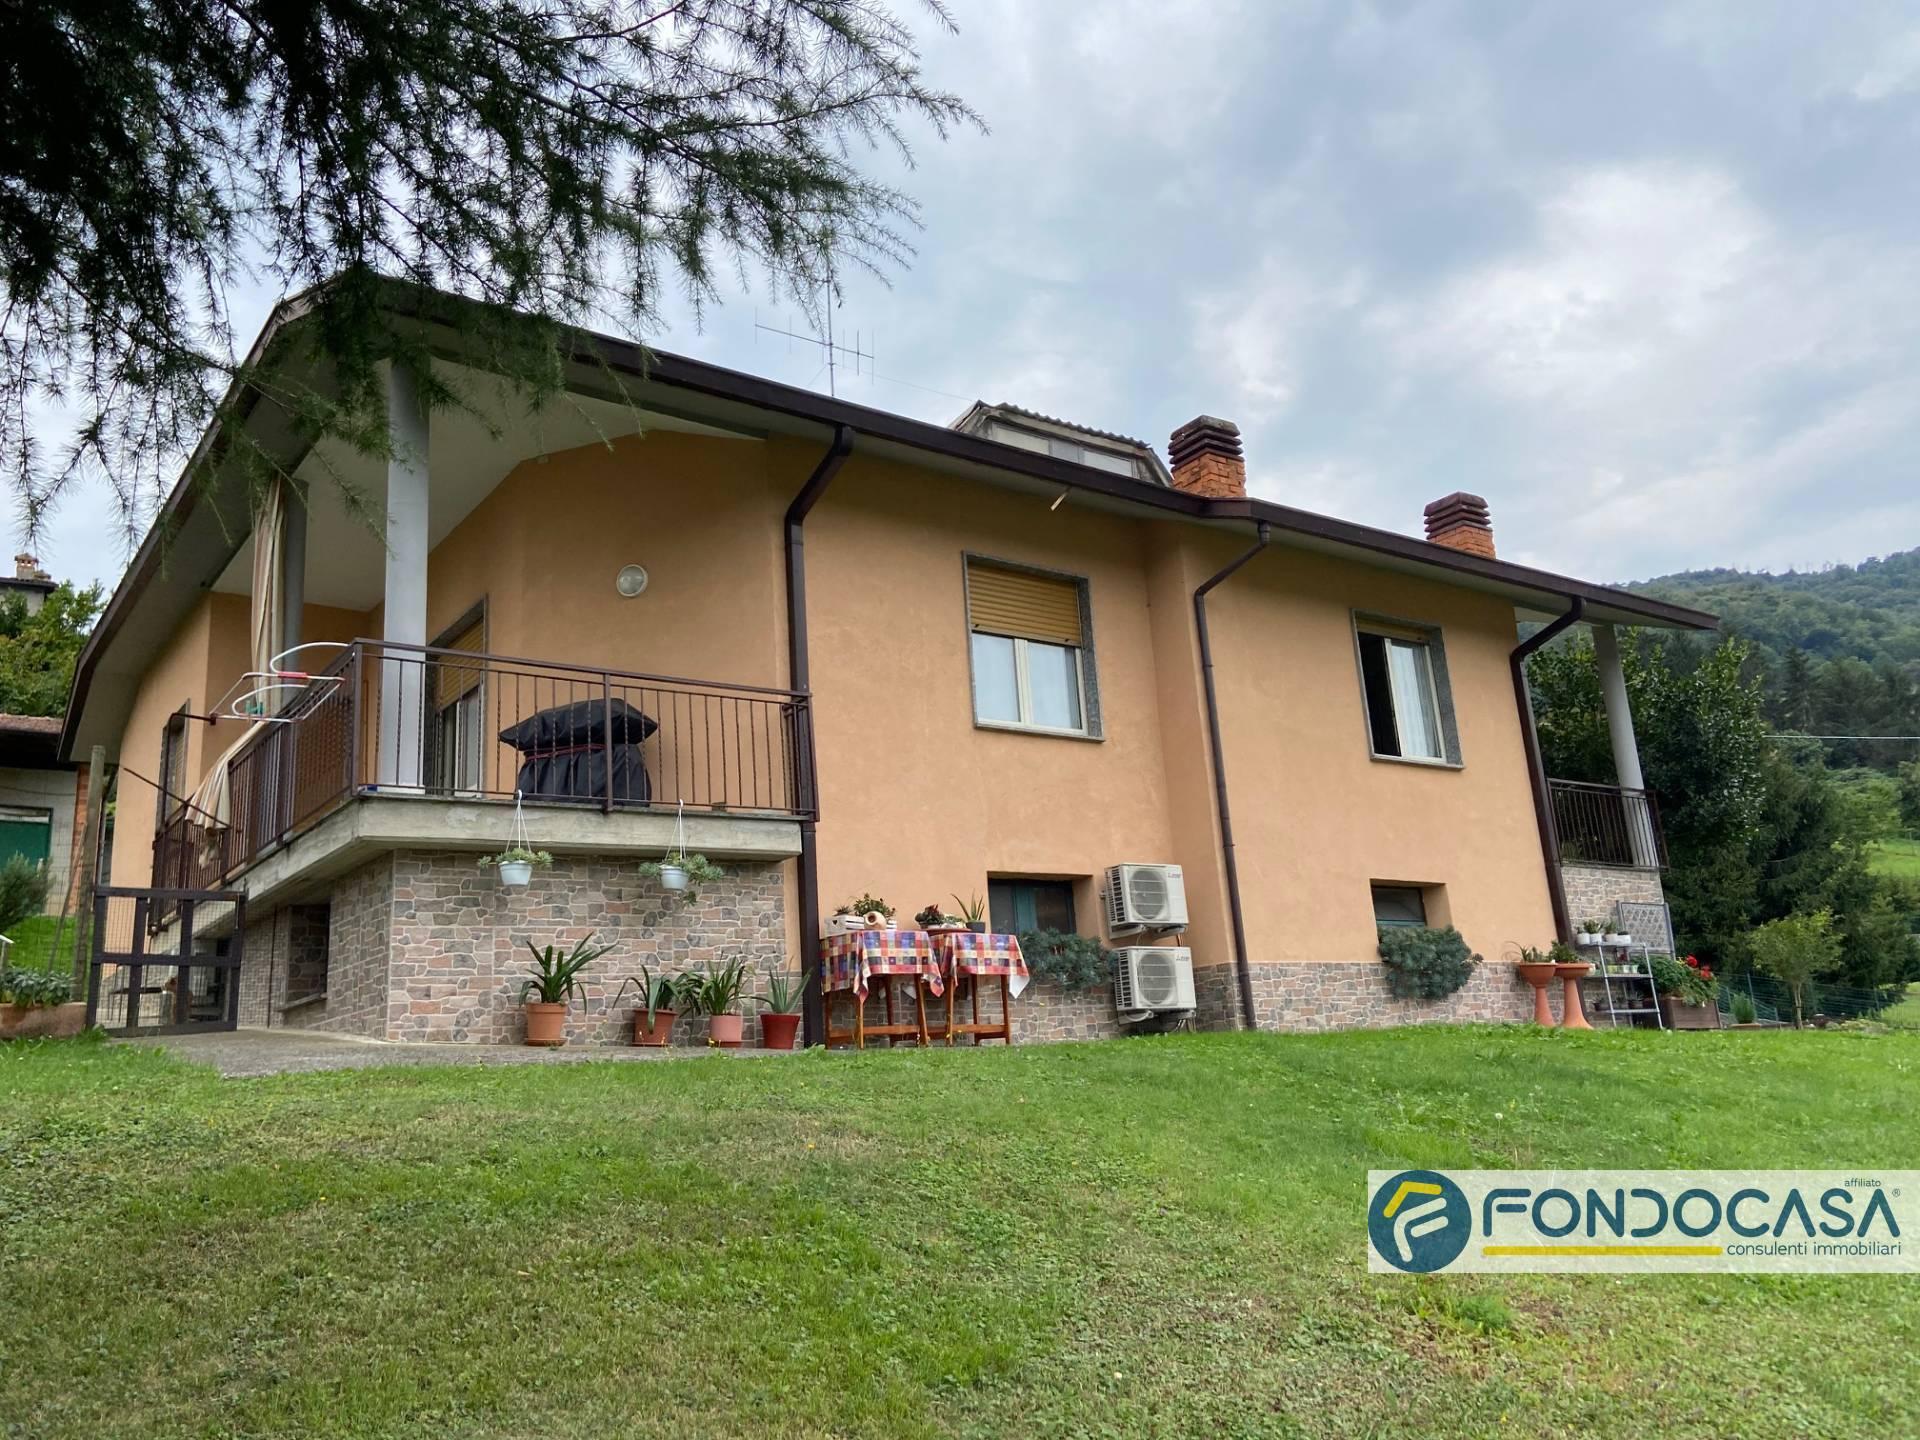 Villa in vendita a Foresto Sparso, 7 locali, prezzo € 285.000   PortaleAgenzieImmobiliari.it